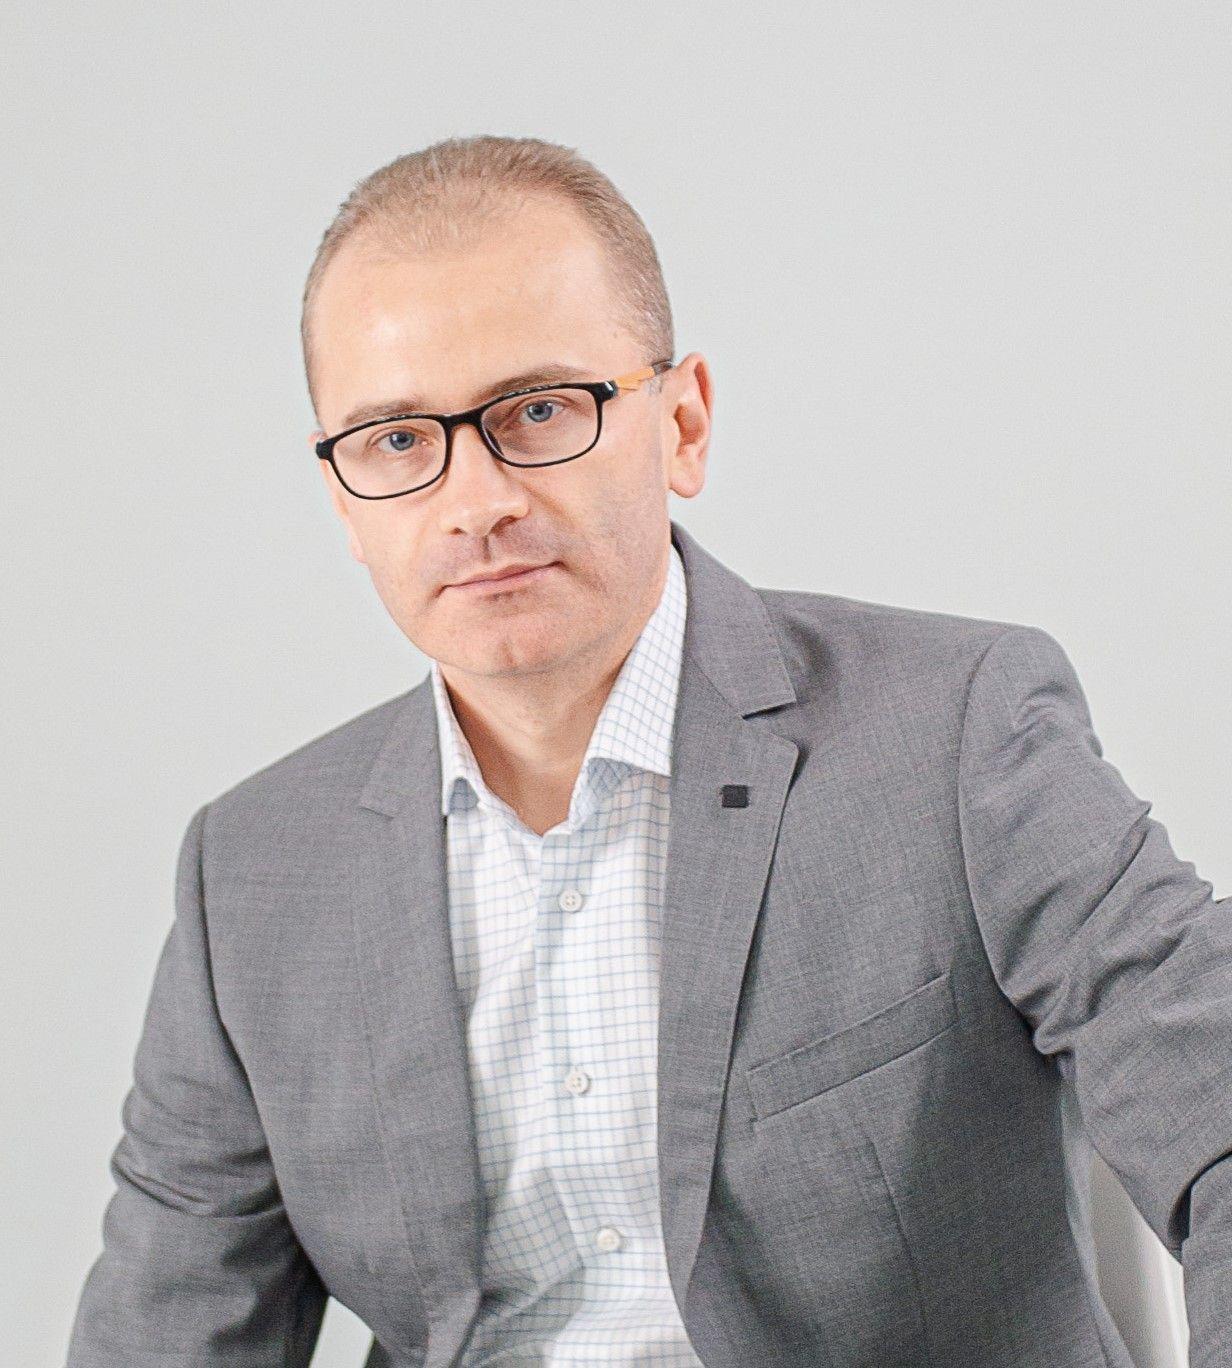 Лотыш Андрей Михайлович